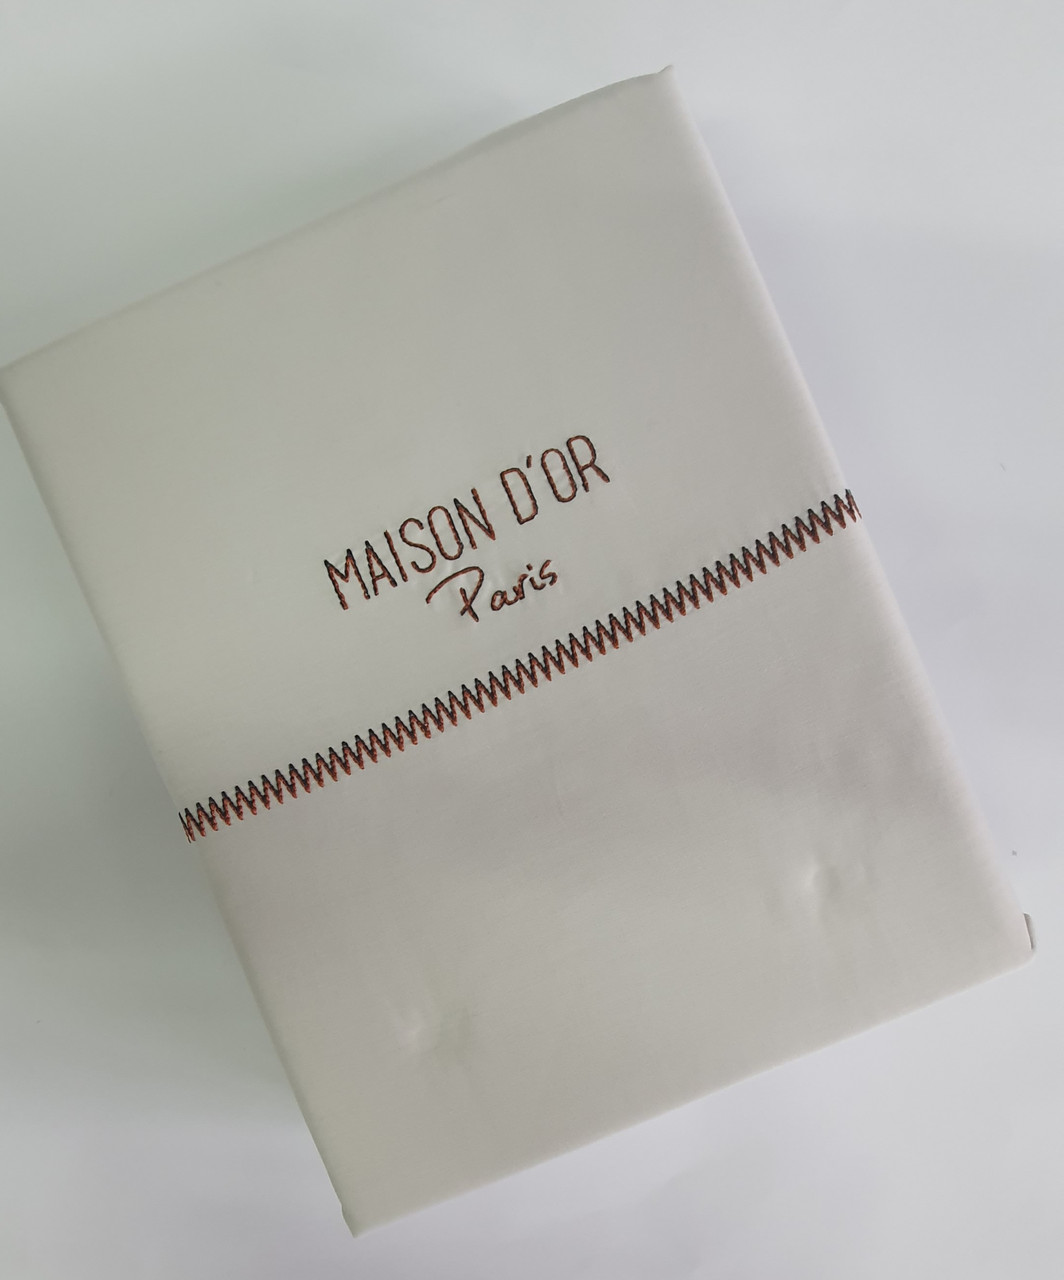 Постільна білизна Maison d'or преміум сатин 200х220 Grey